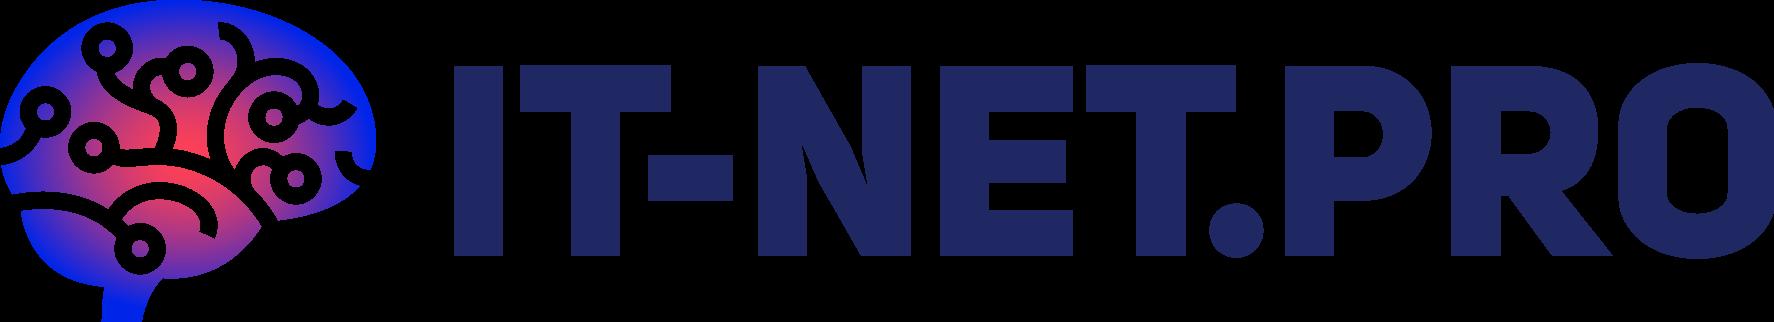 IT-NET.PRO